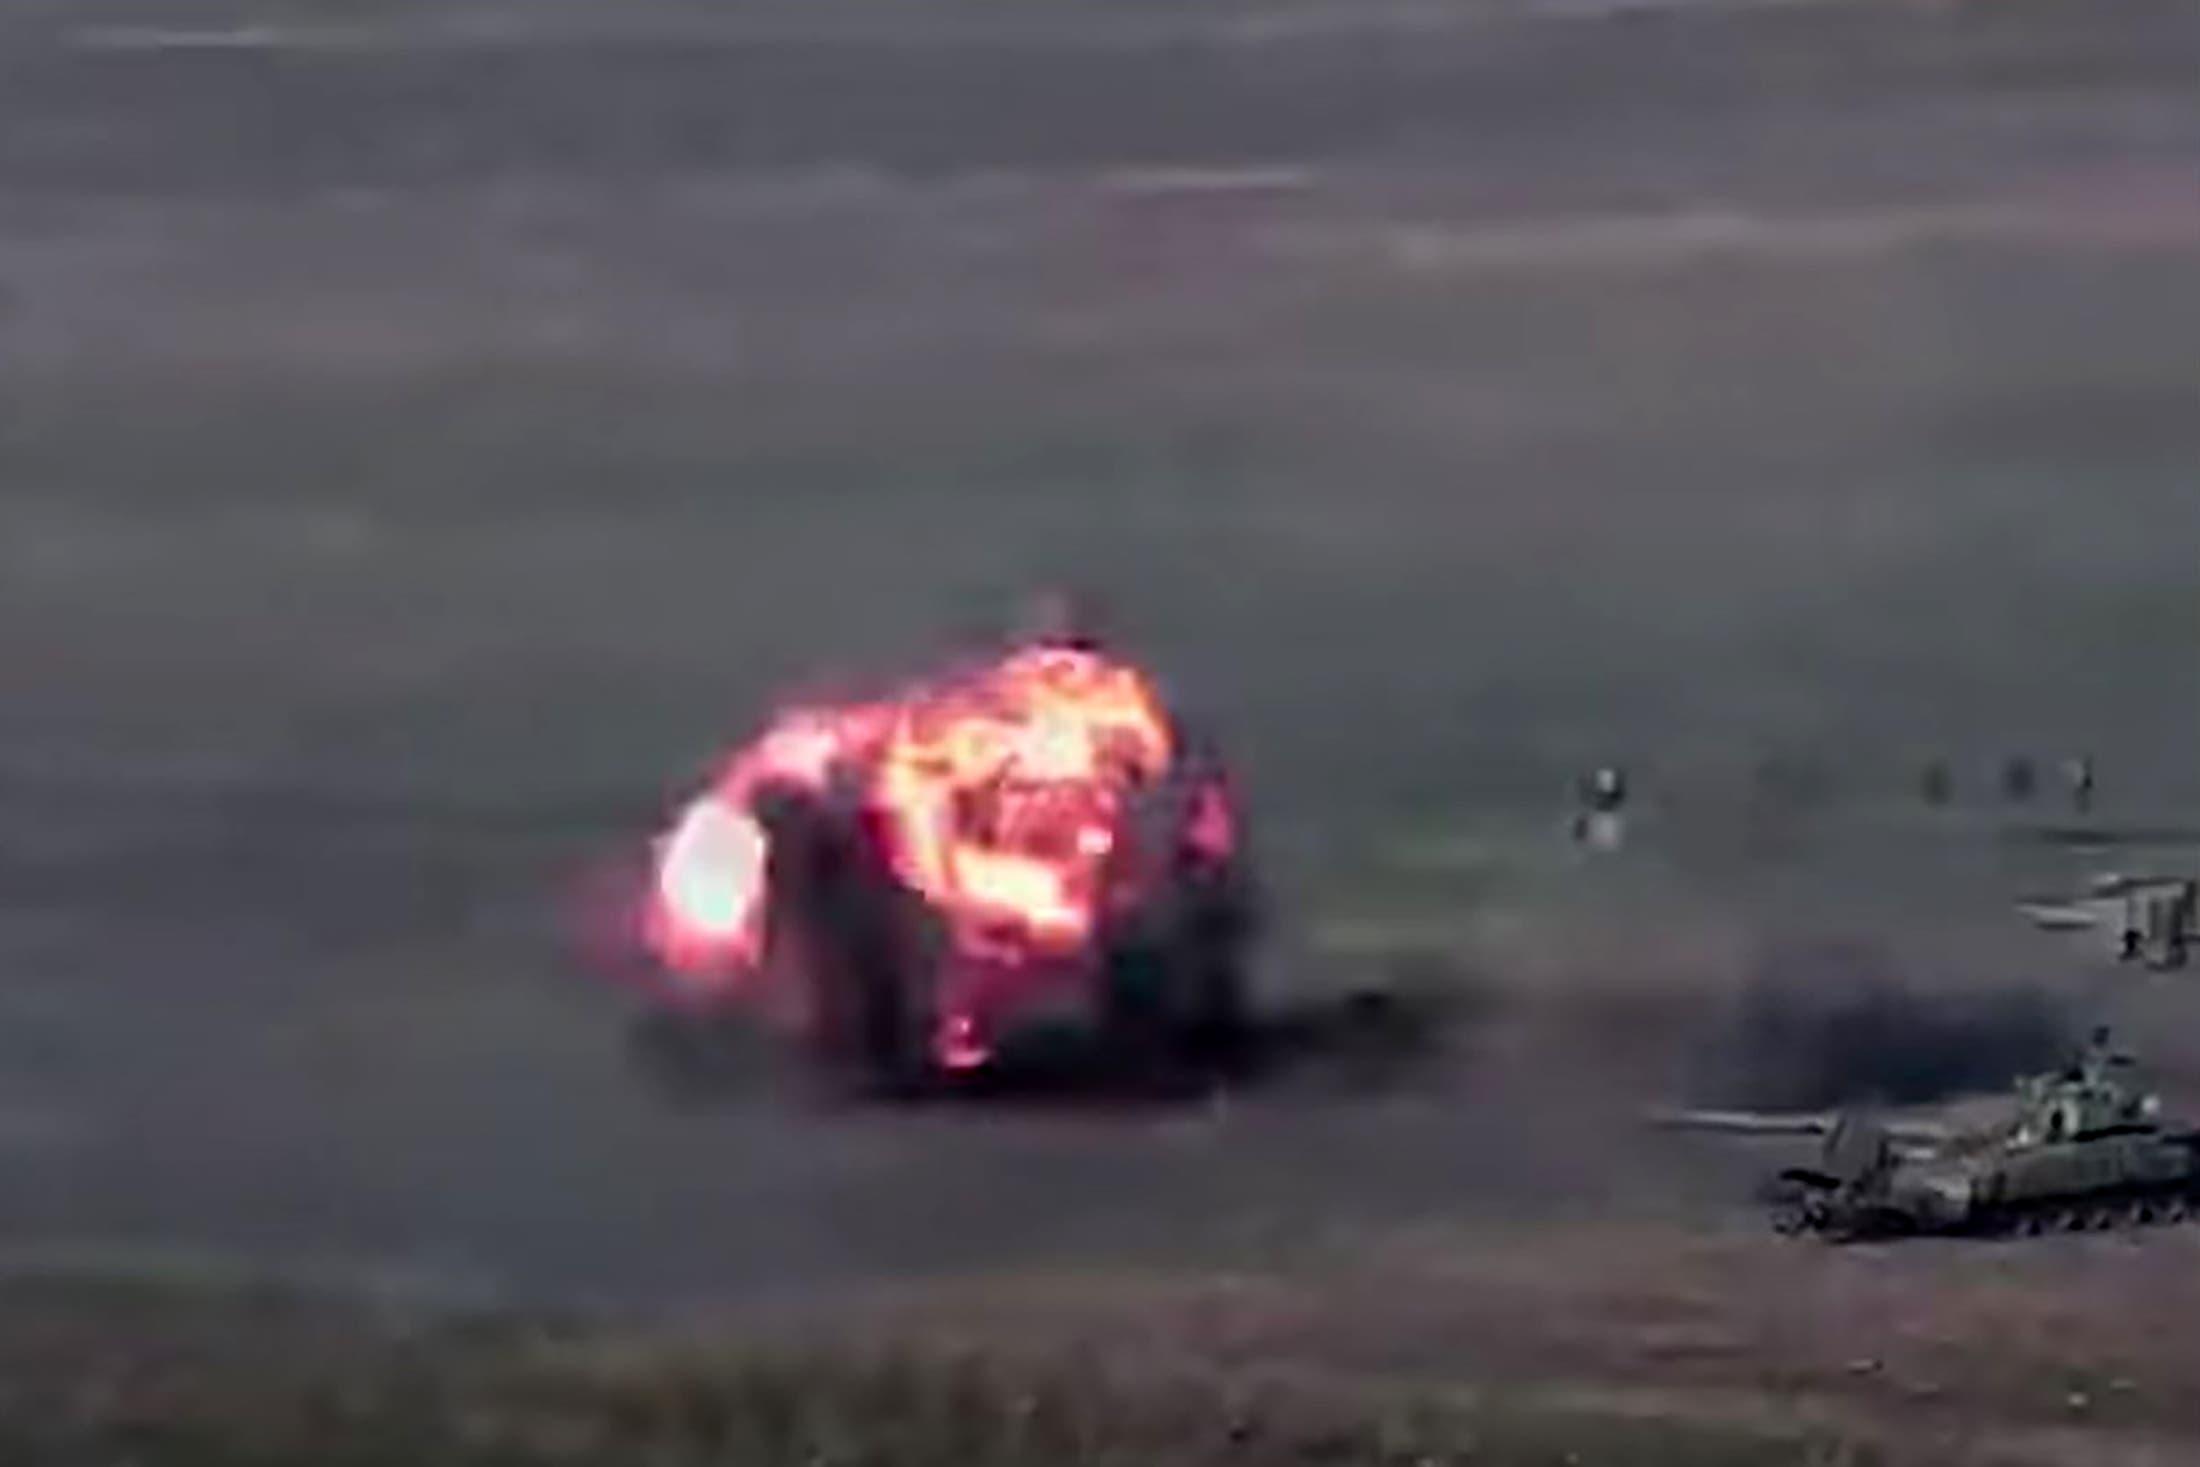 وزارة الدفاع الأرمينية نشرت صورا لدبابات وعناصر عسكرية أذربيجانية أثناء الهجوم (فرانس برس)